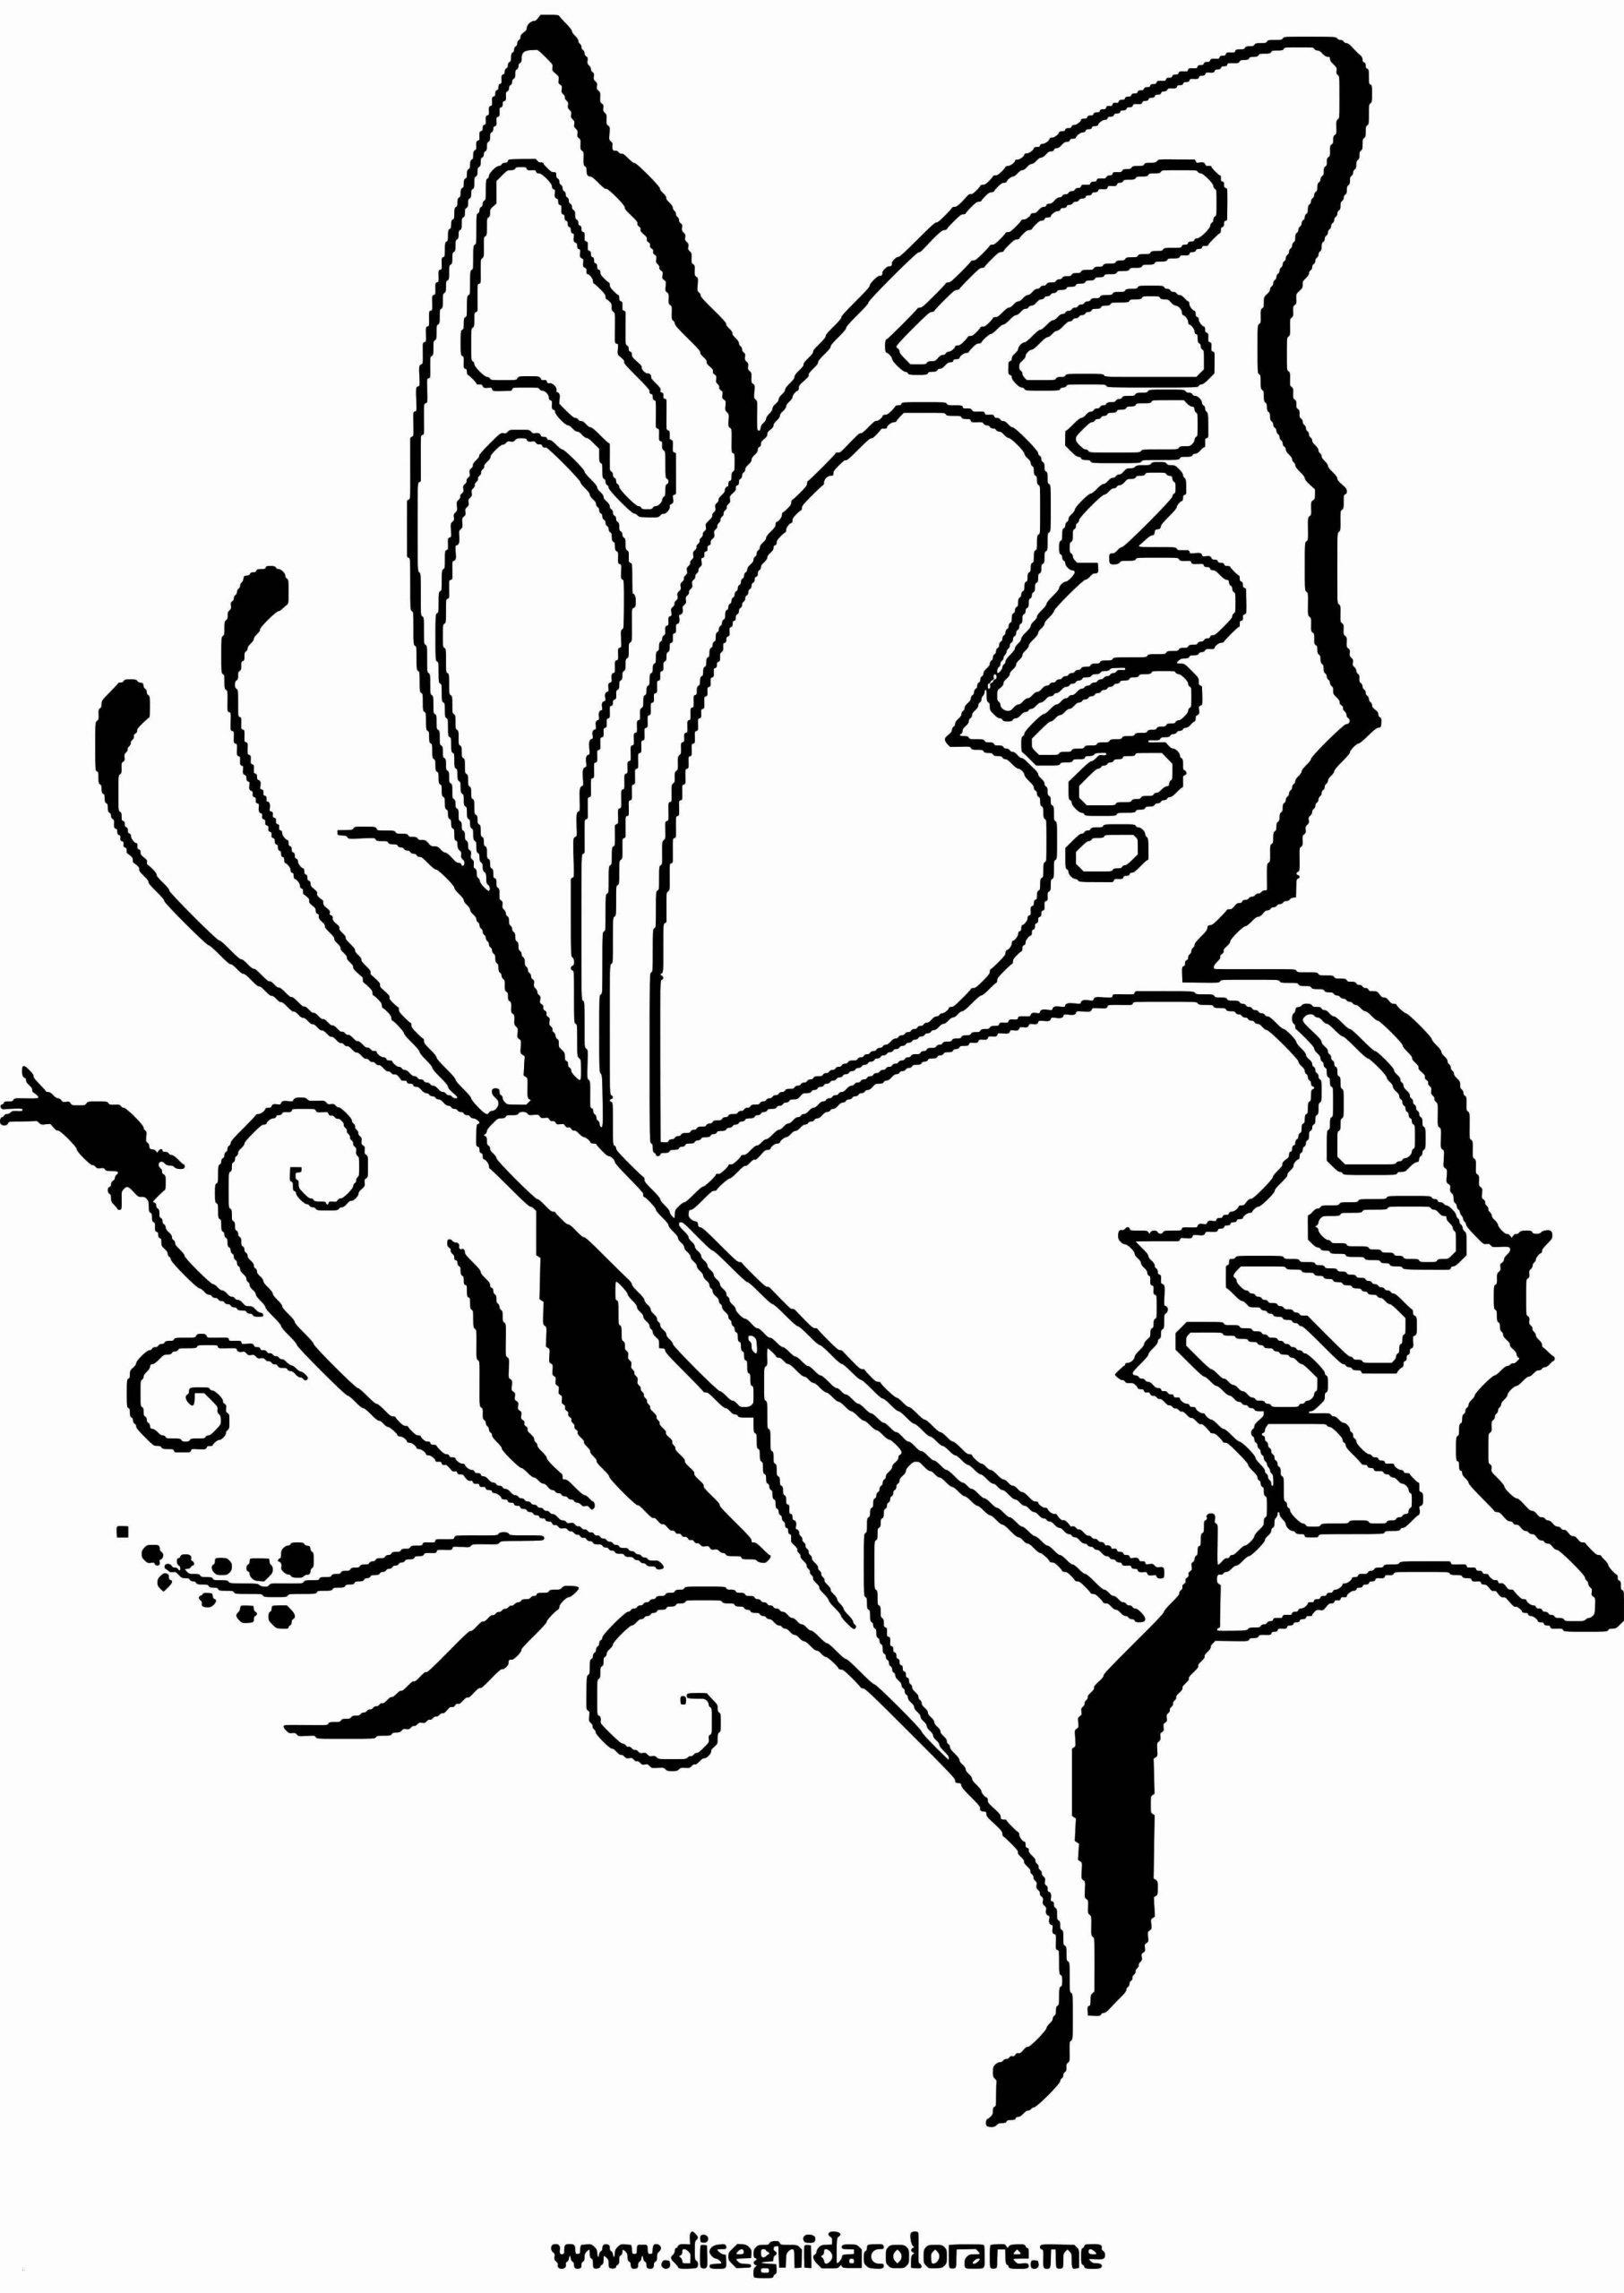 61 Schön Ausmalbilder Schmetterling Kostenlos Ausdrucken verwandt mit Malvorlage Schmetterling Kostenlos